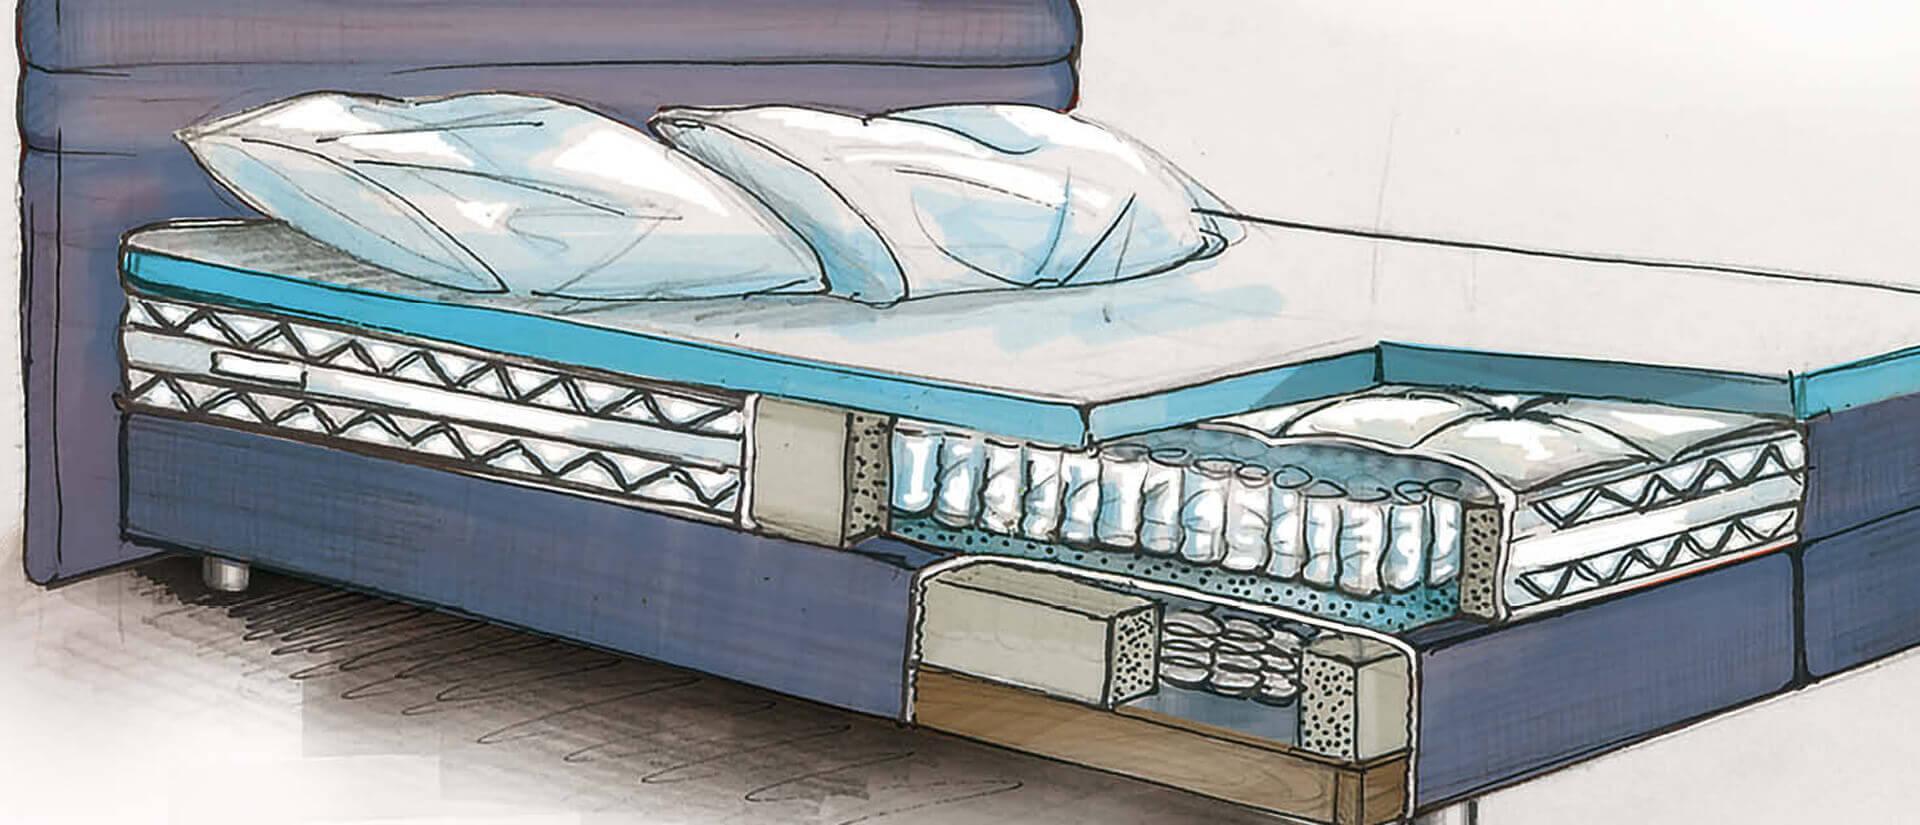 Aufbau Boxspringbett - 5 Tipps zum Kauf ihres neuen Bettes